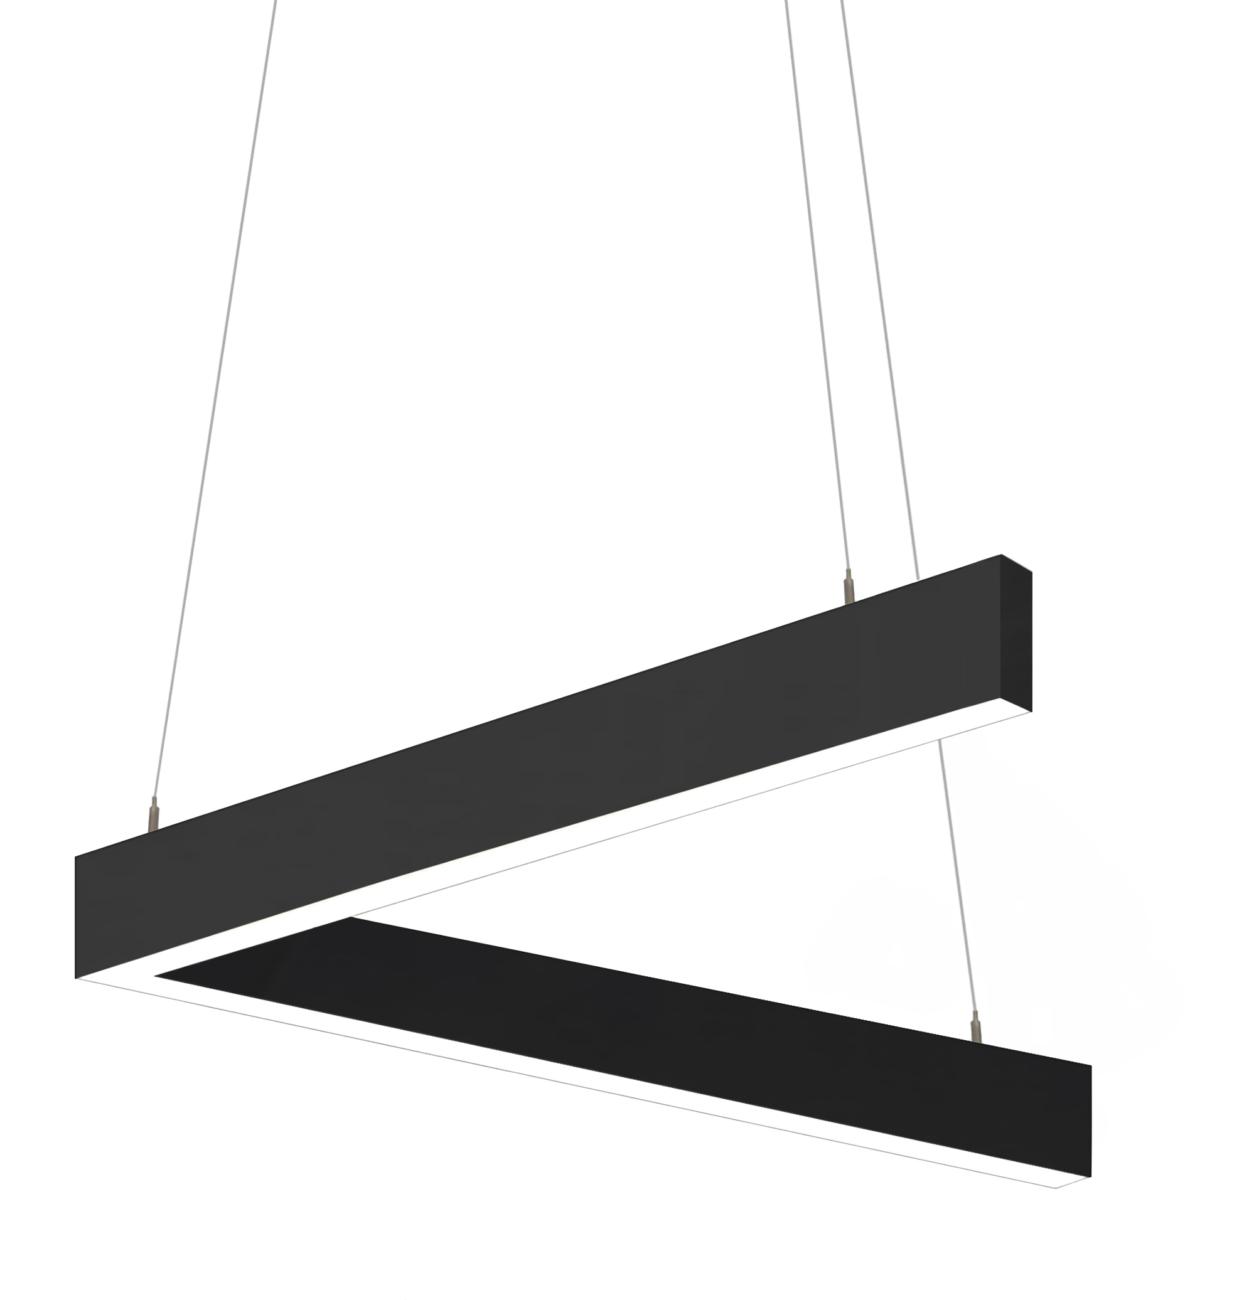 Светильник Style-3567. 1000×1500мм. 4000К/3000К. 43W/90W купить во Владимире